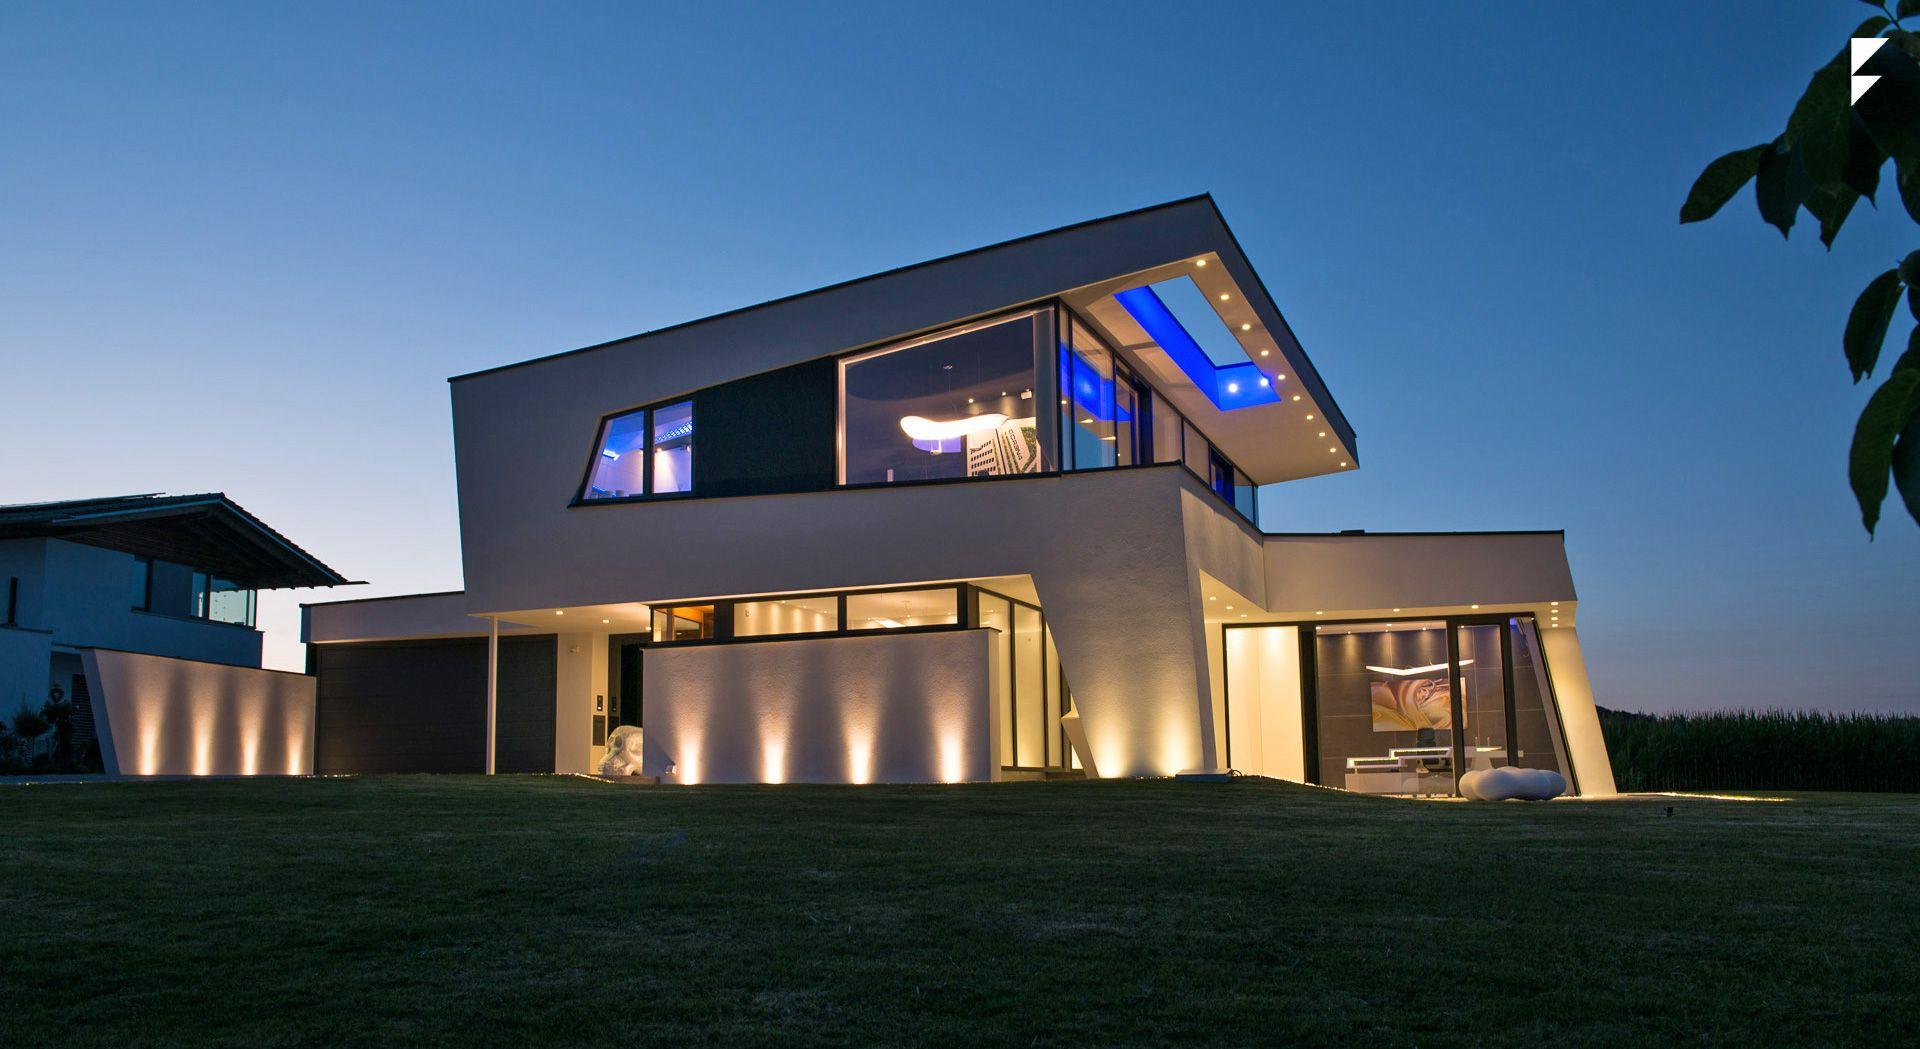 architektenhaus in dingolfing bauen pultdach modern pultdach architektur und moderne h user. Black Bedroom Furniture Sets. Home Design Ideas